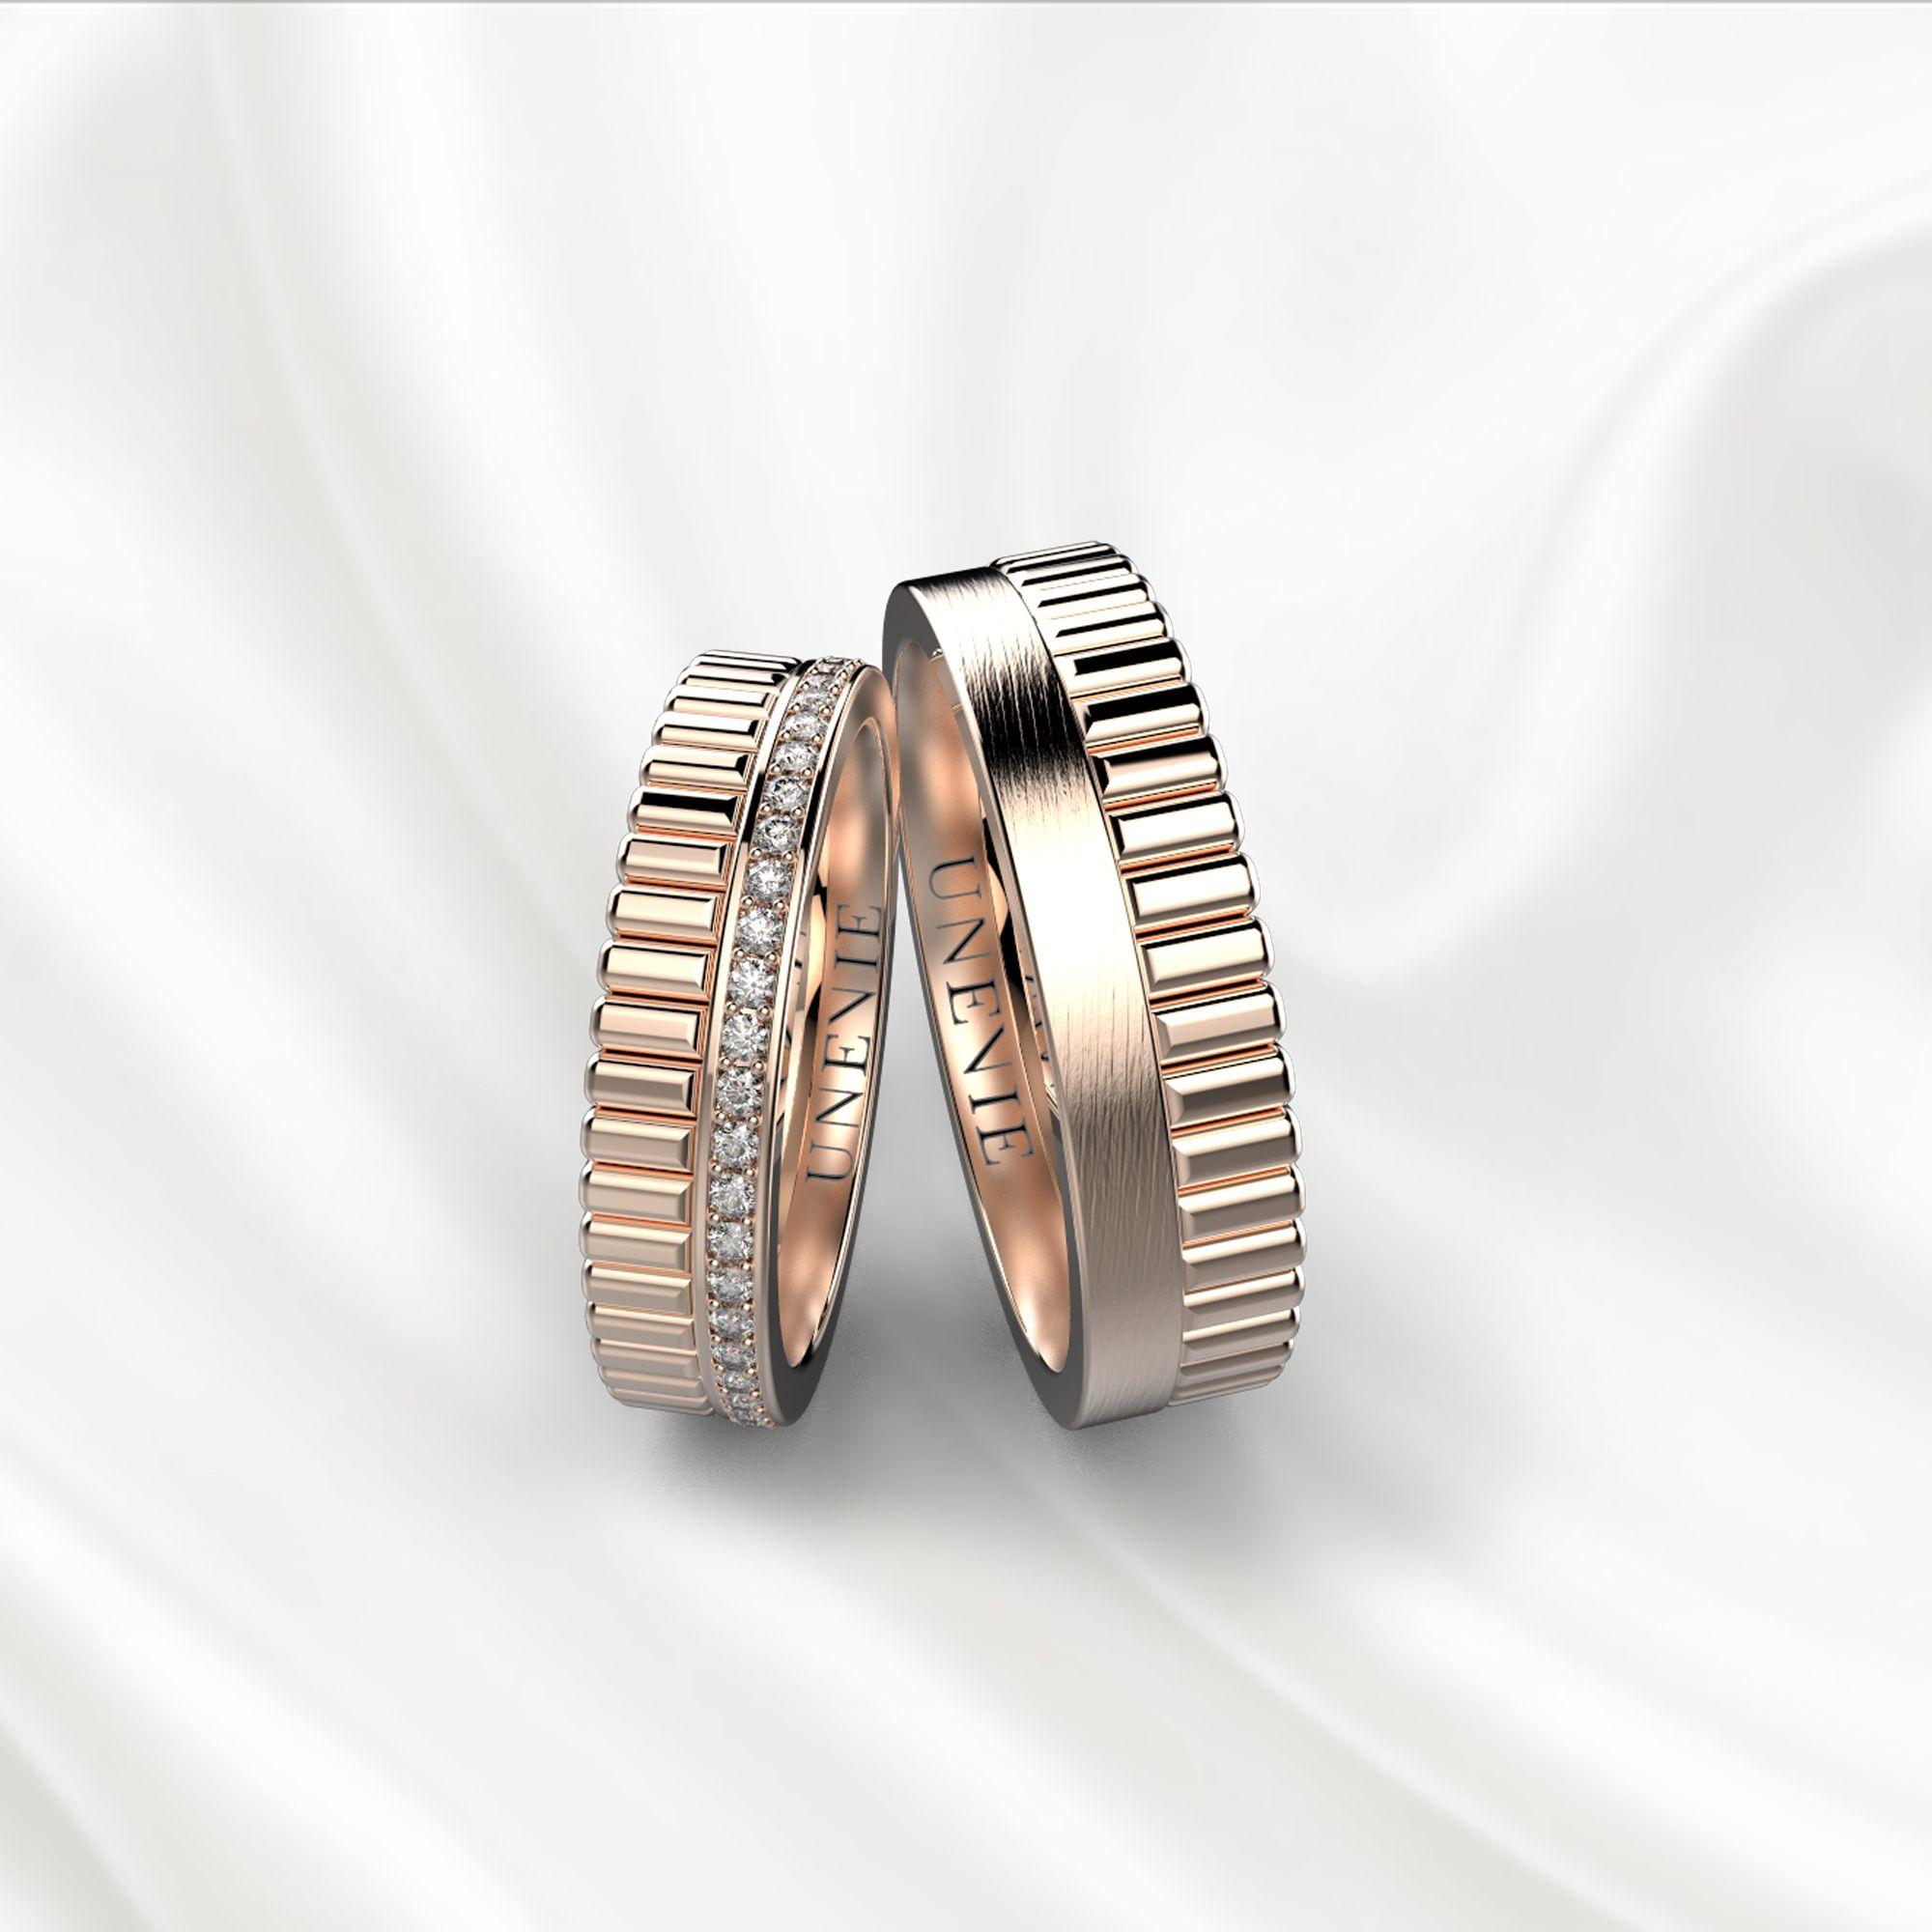 NV24 Обручальные кольца из розового золота с бриллиантами